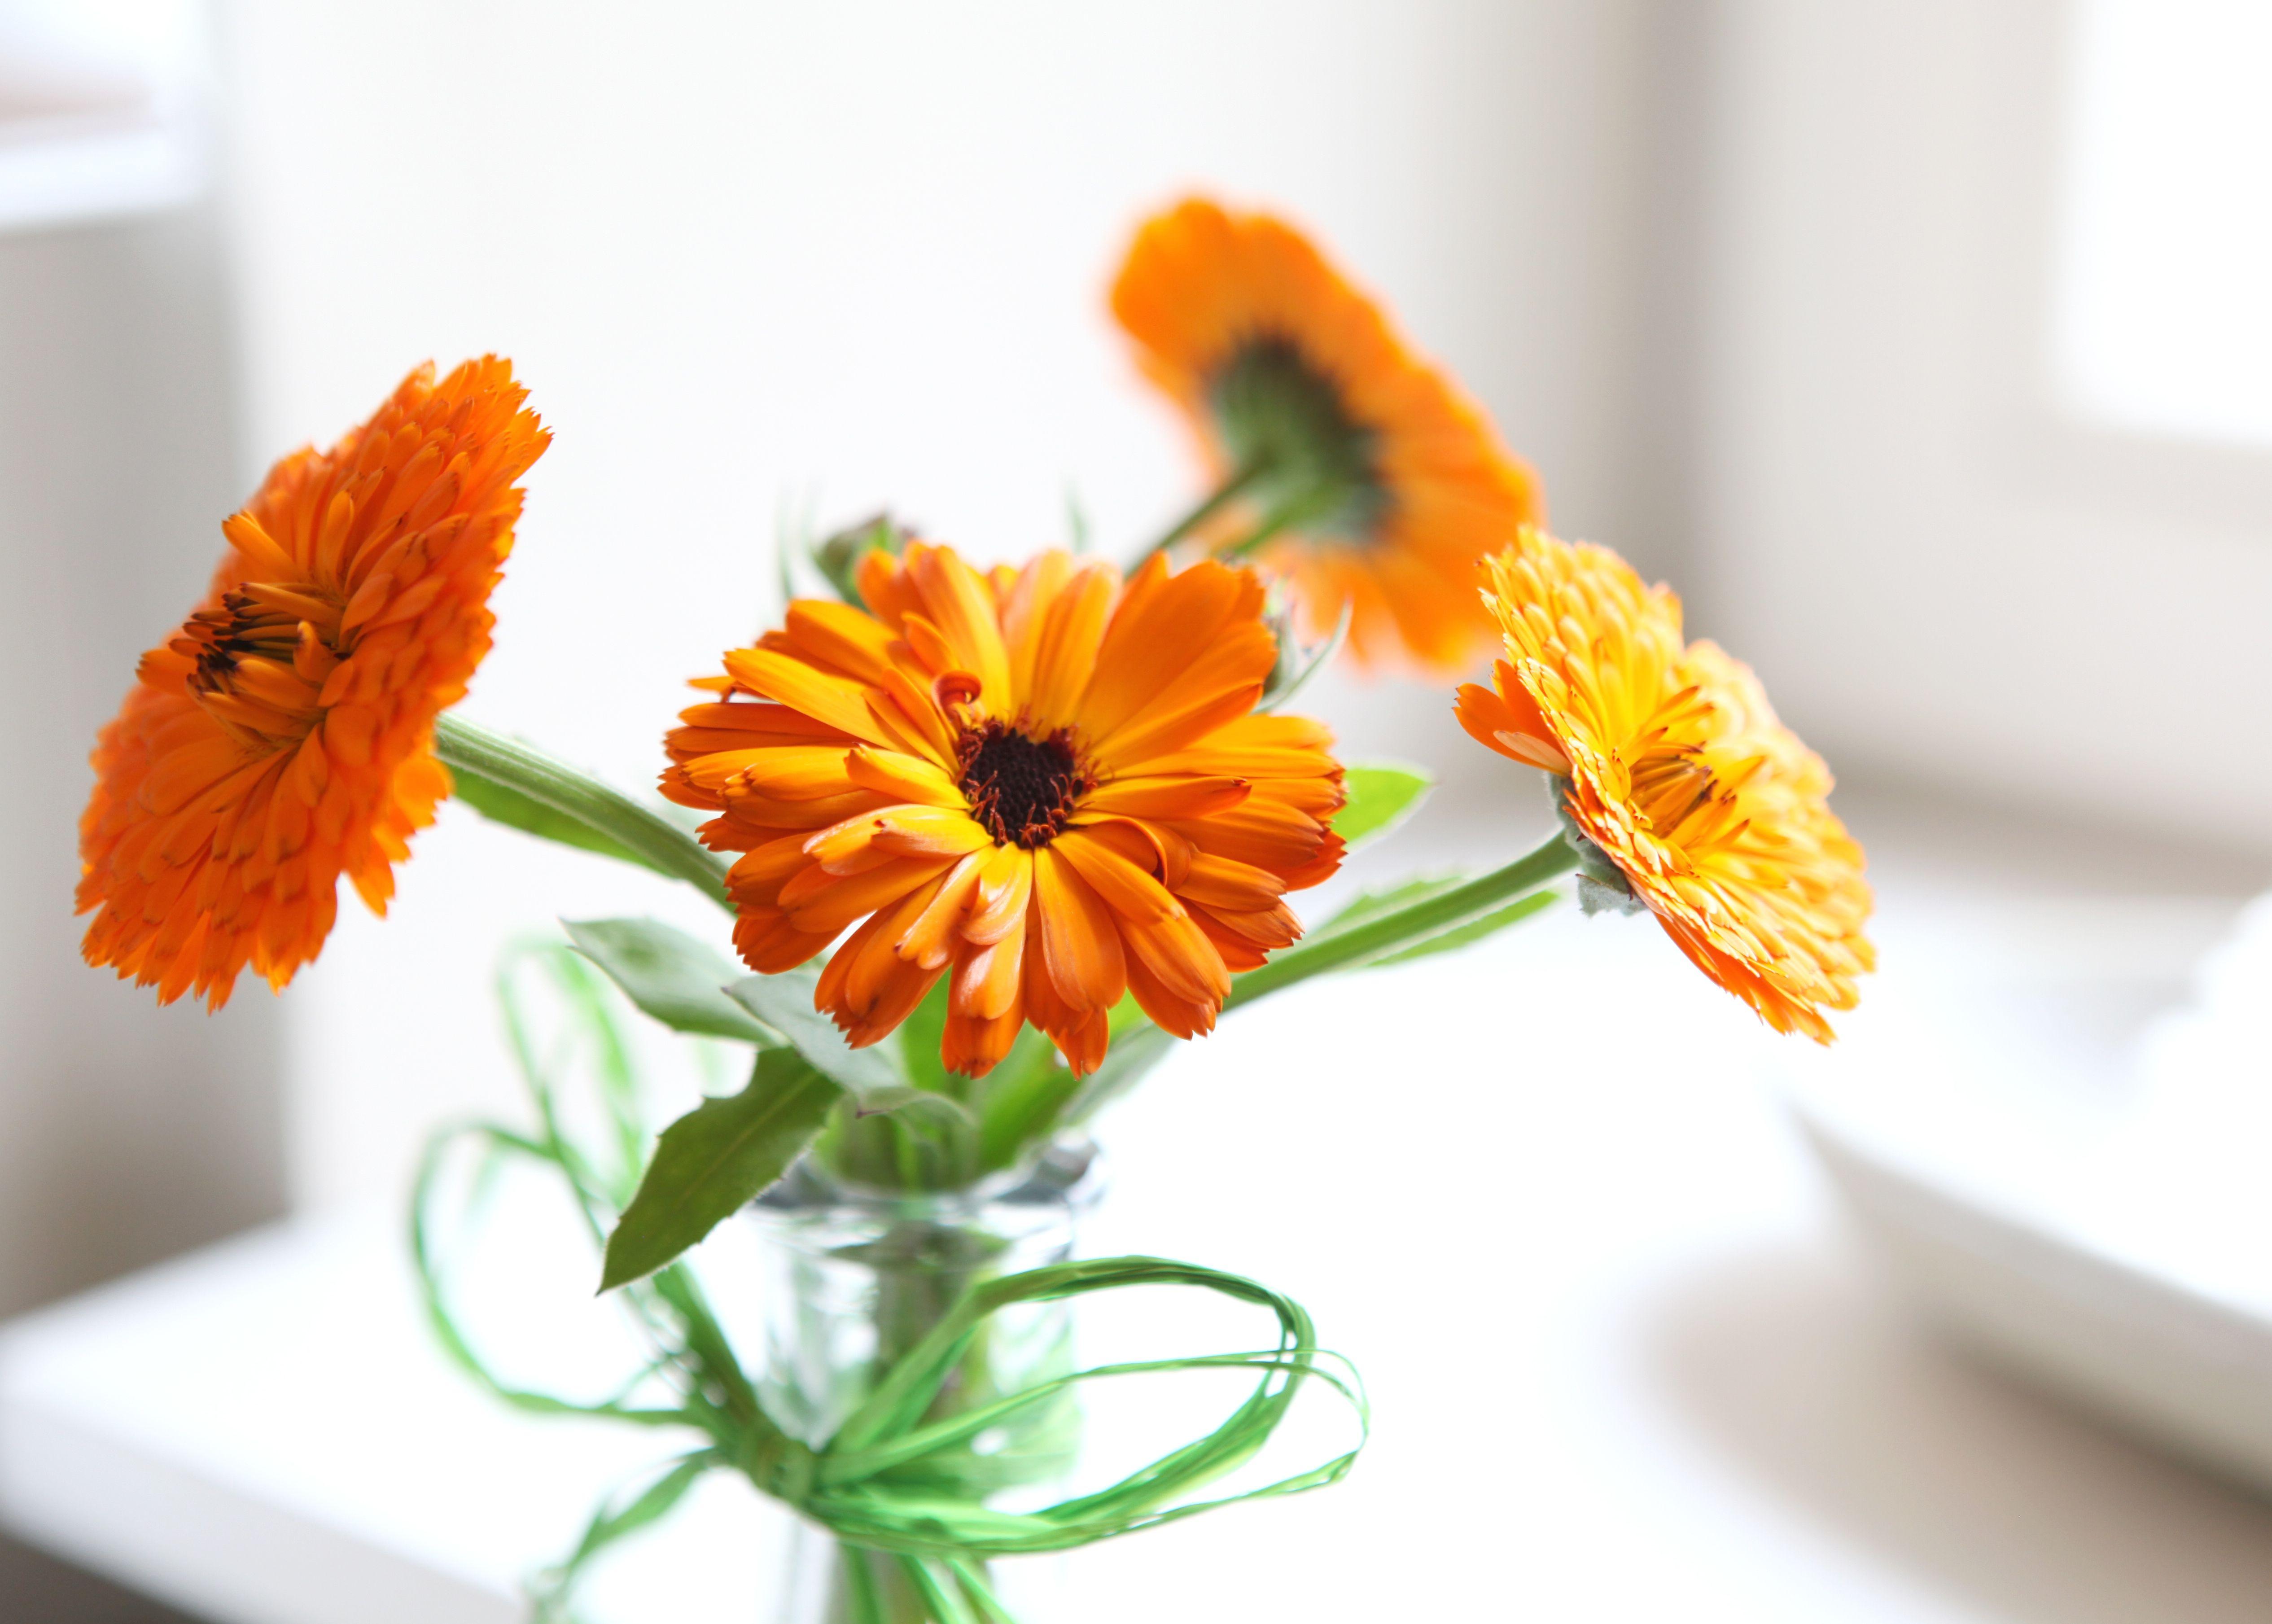 Antiinflammatory beauty benefits of calendula Calendula